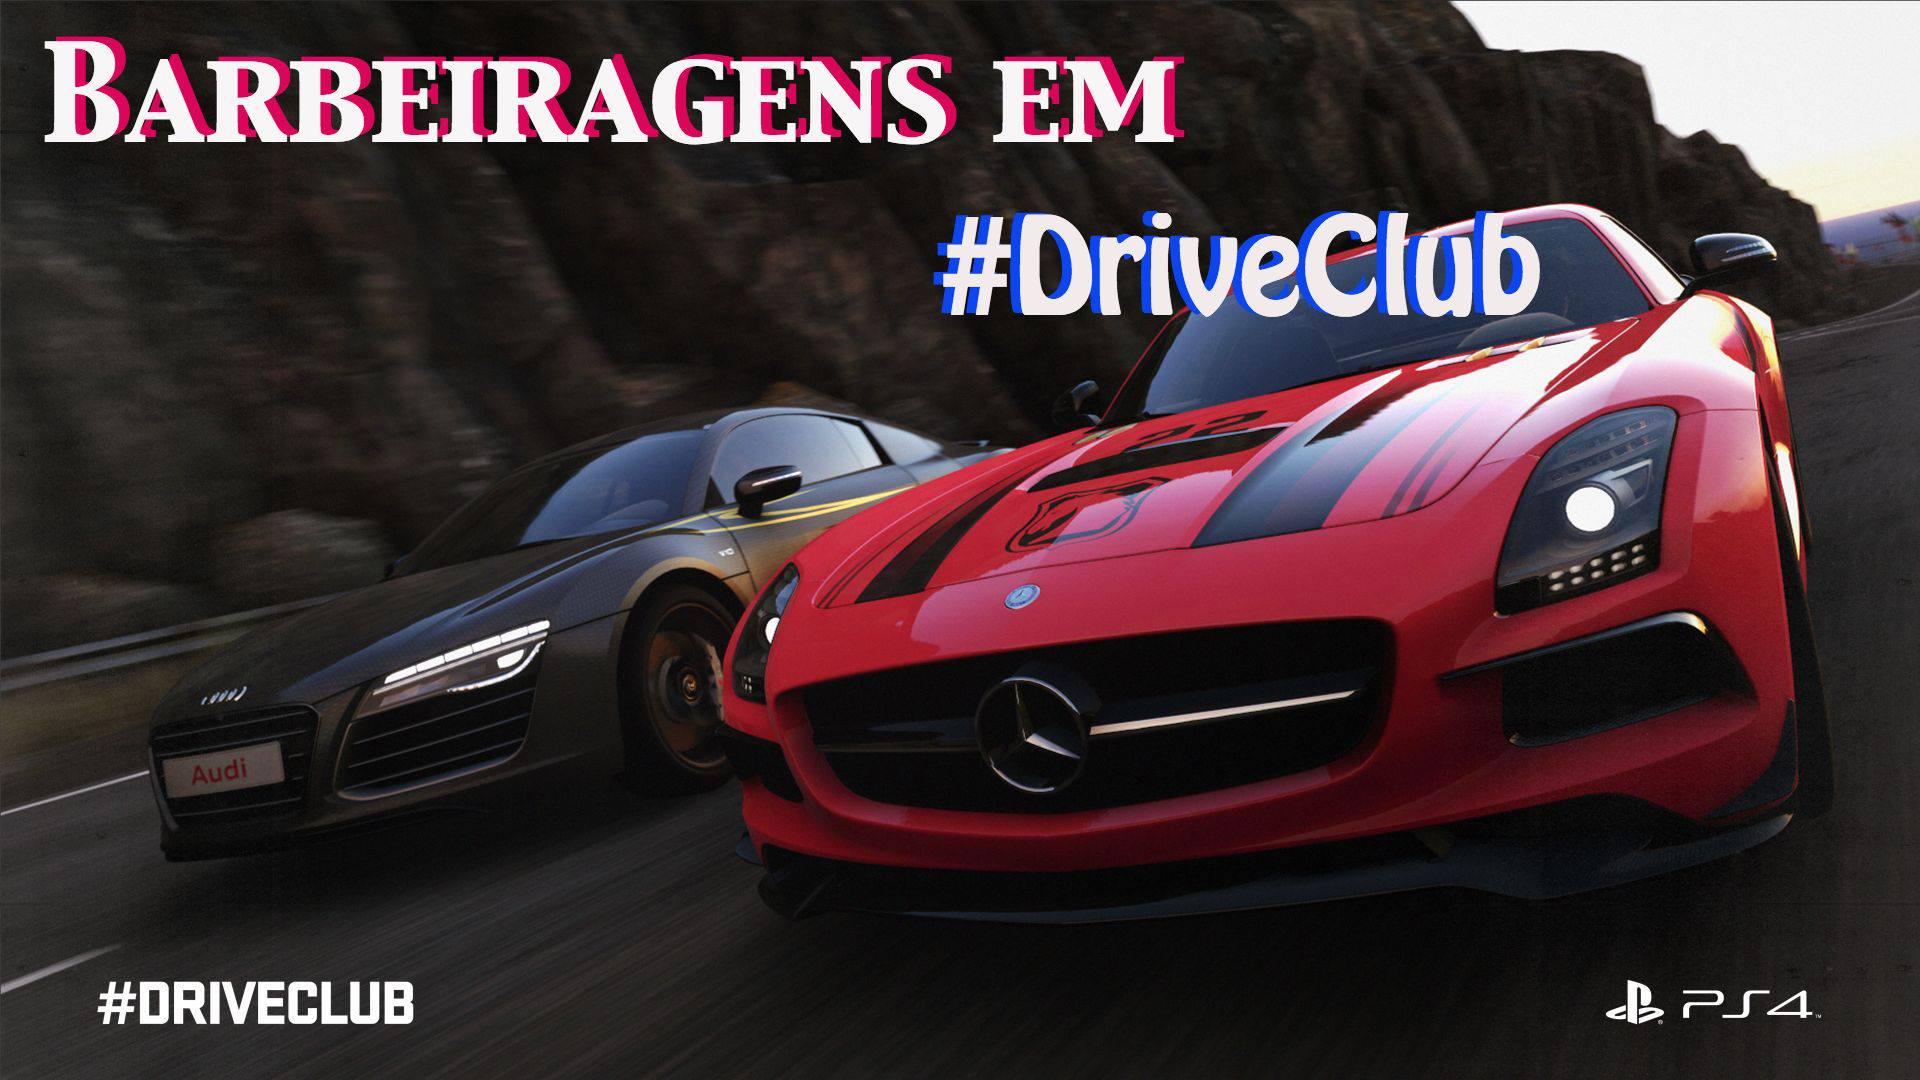 Meu PS4 - Barbeiragens em Driveclub - Imagem